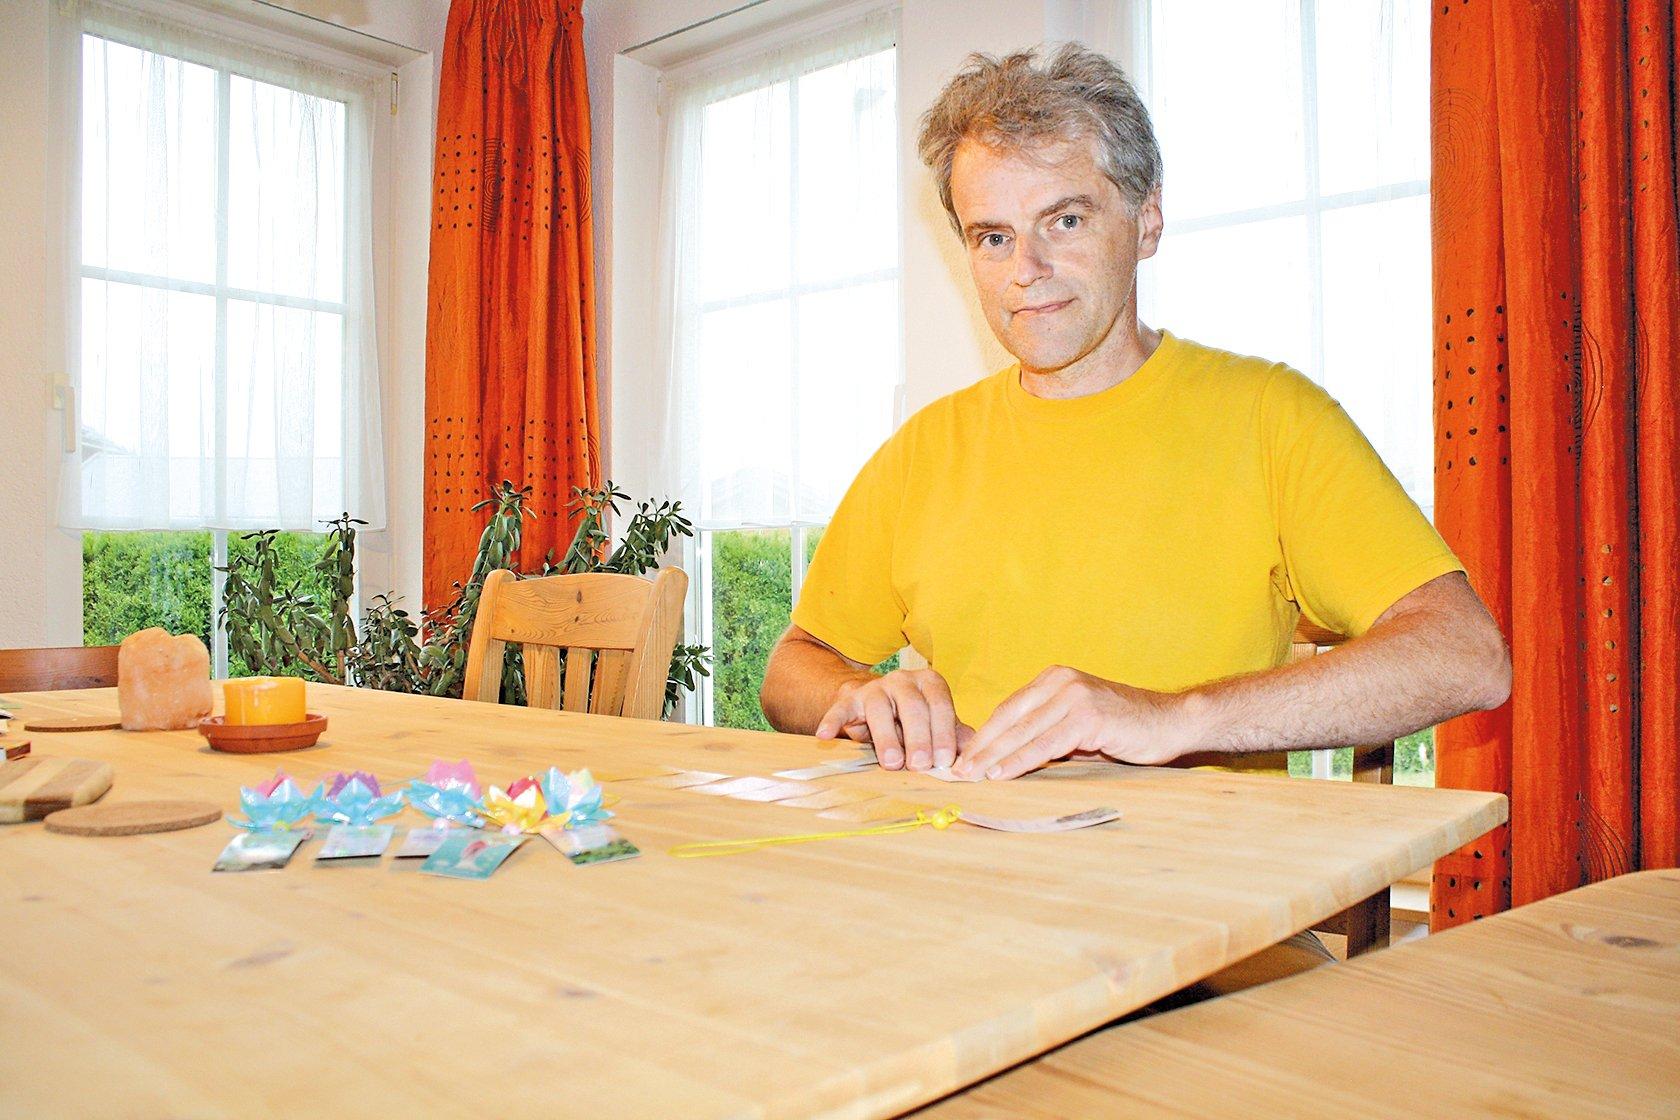 修煉法輪大法的德國發明家董瀚寧(Johannes D)在折紙蓮花掛墜。(本人提供)